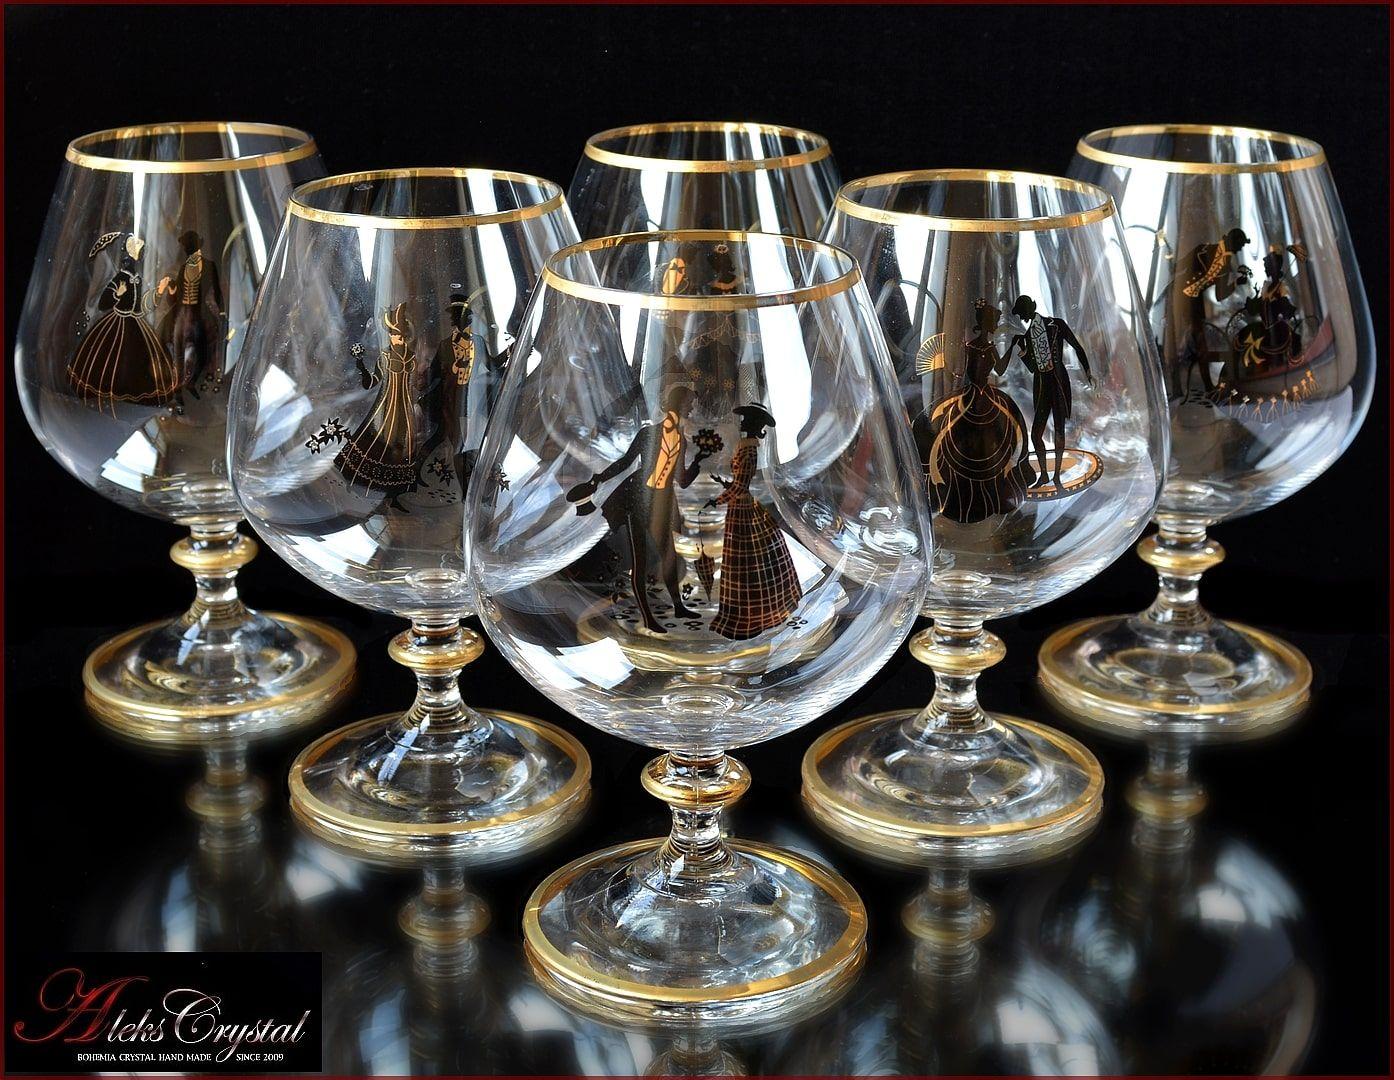 Aleks Crystal Com Bohemia Crystal Brandy Glasses Crystal Glassware Crystal Stemware Bohemia Glass